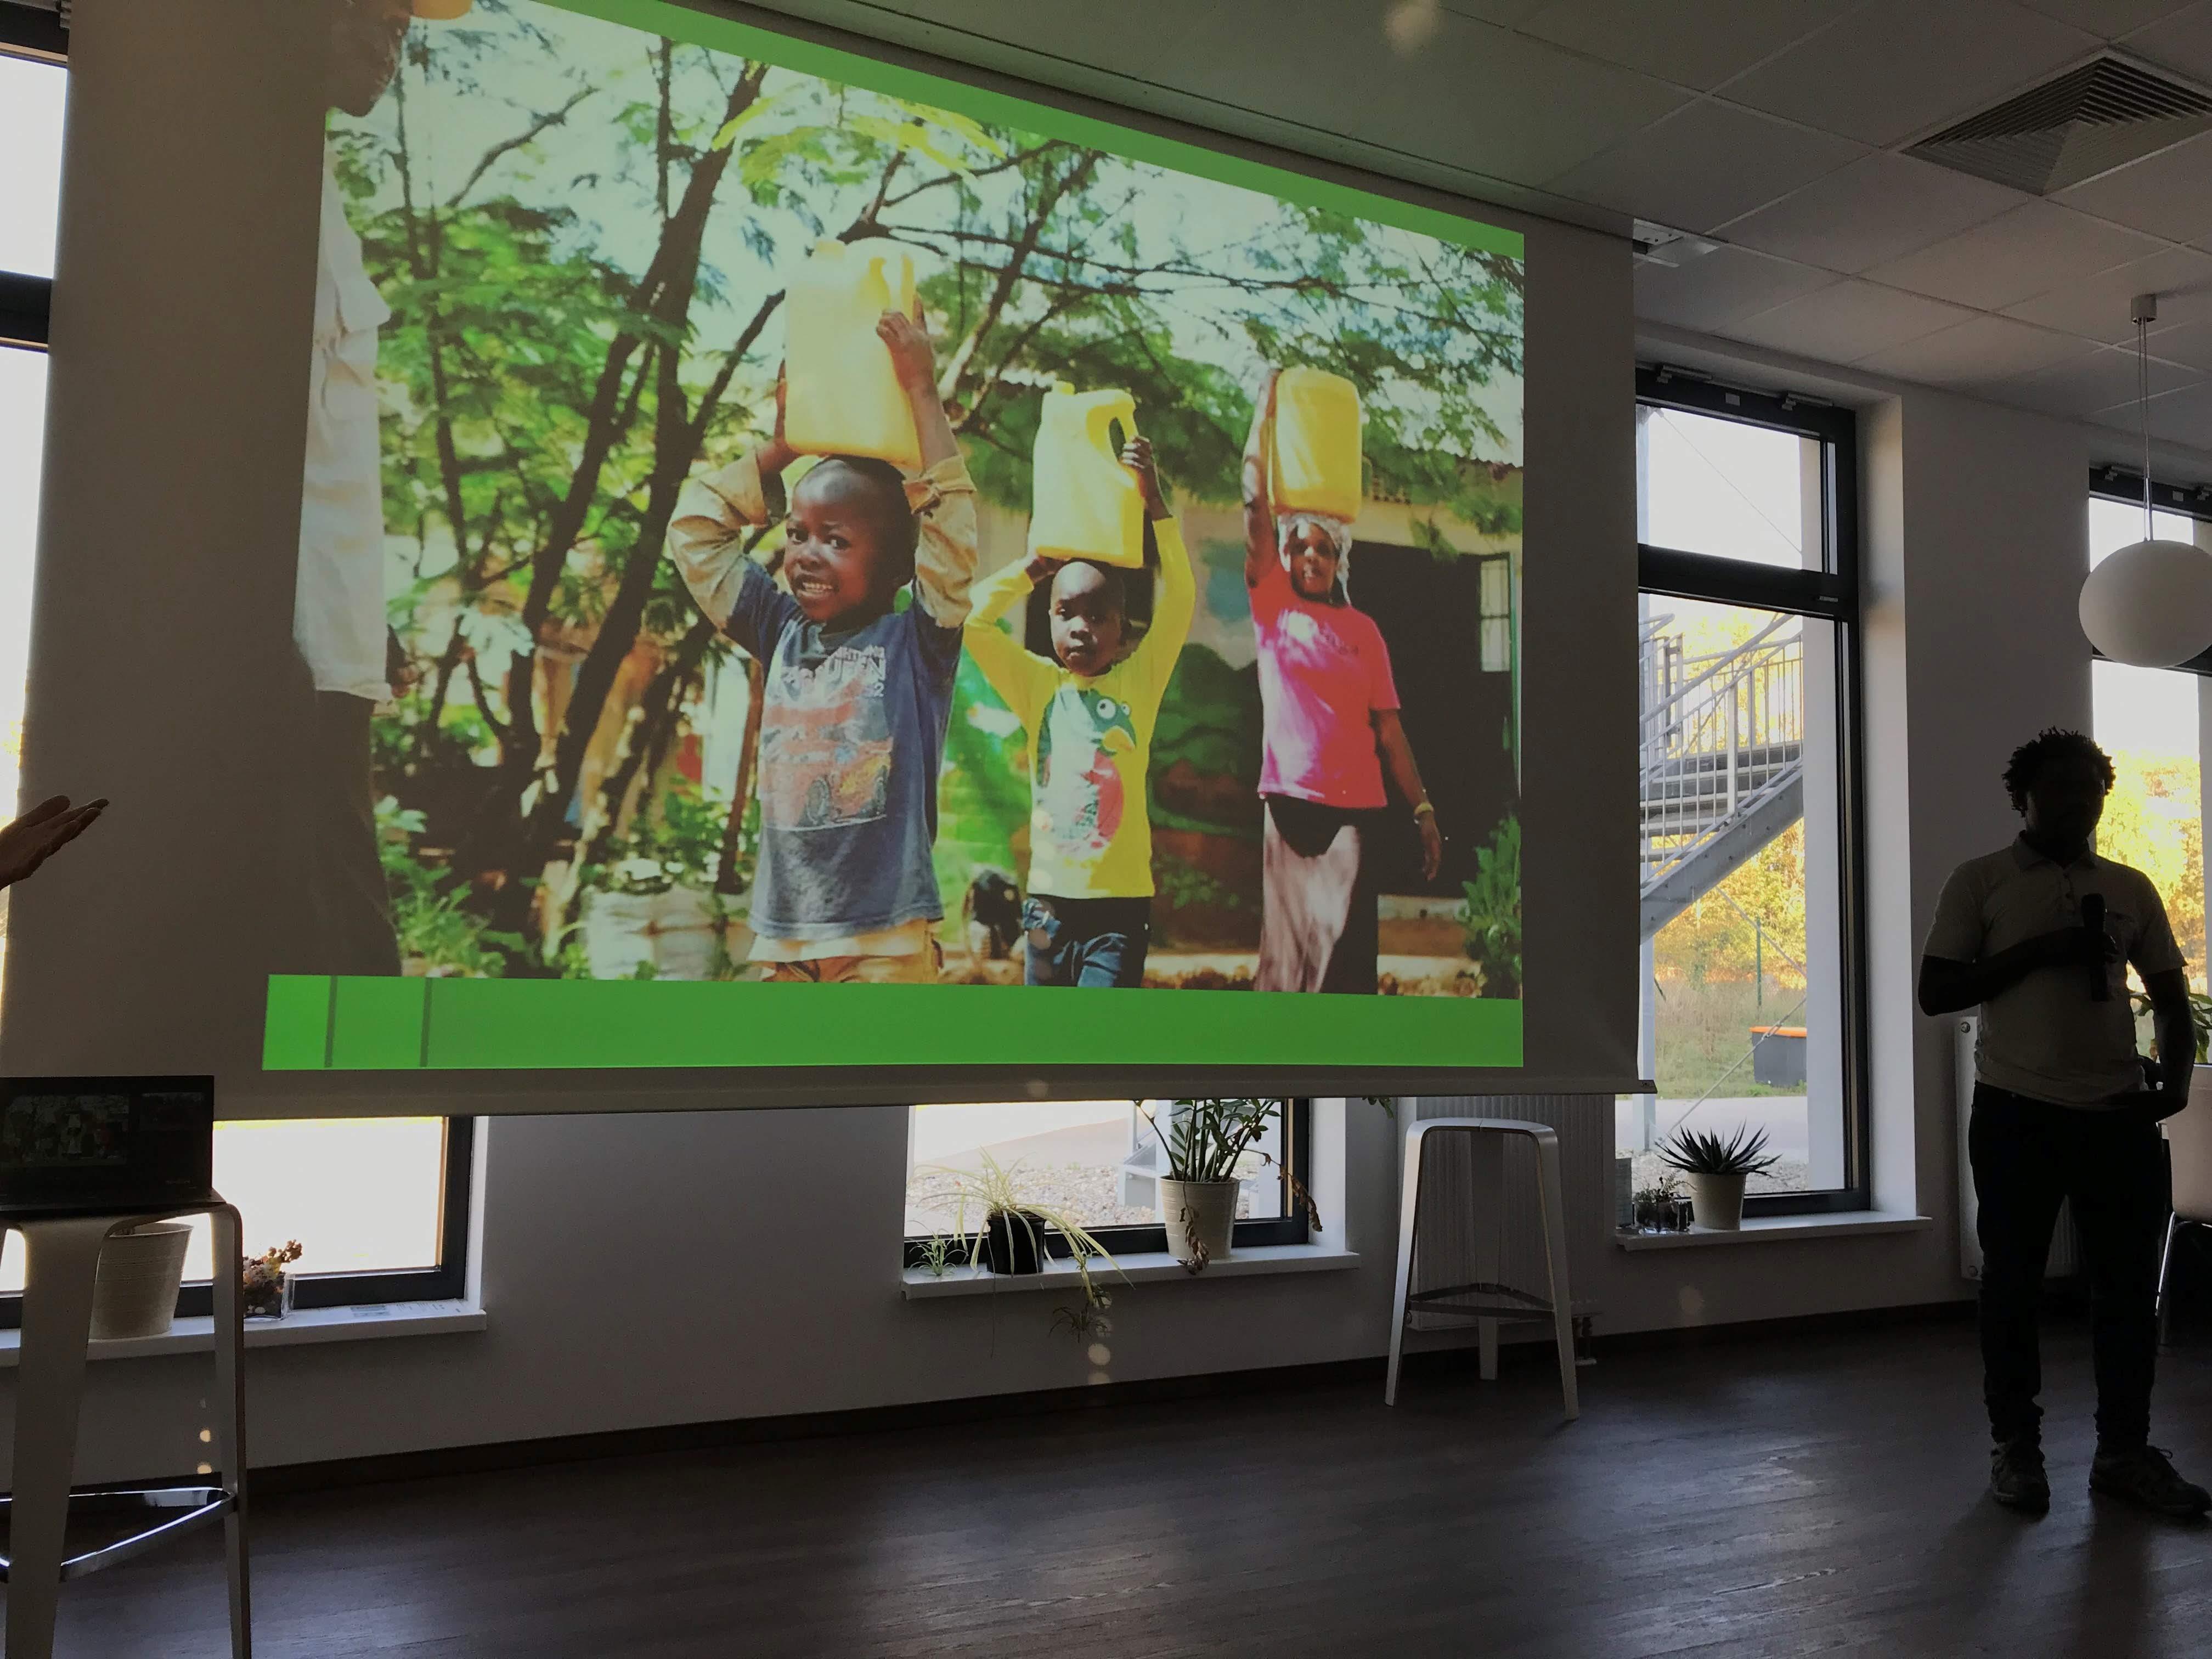 OTEPIC zu Besuch bei der Berlin.Industrial.Group und im Coop Campus der S27